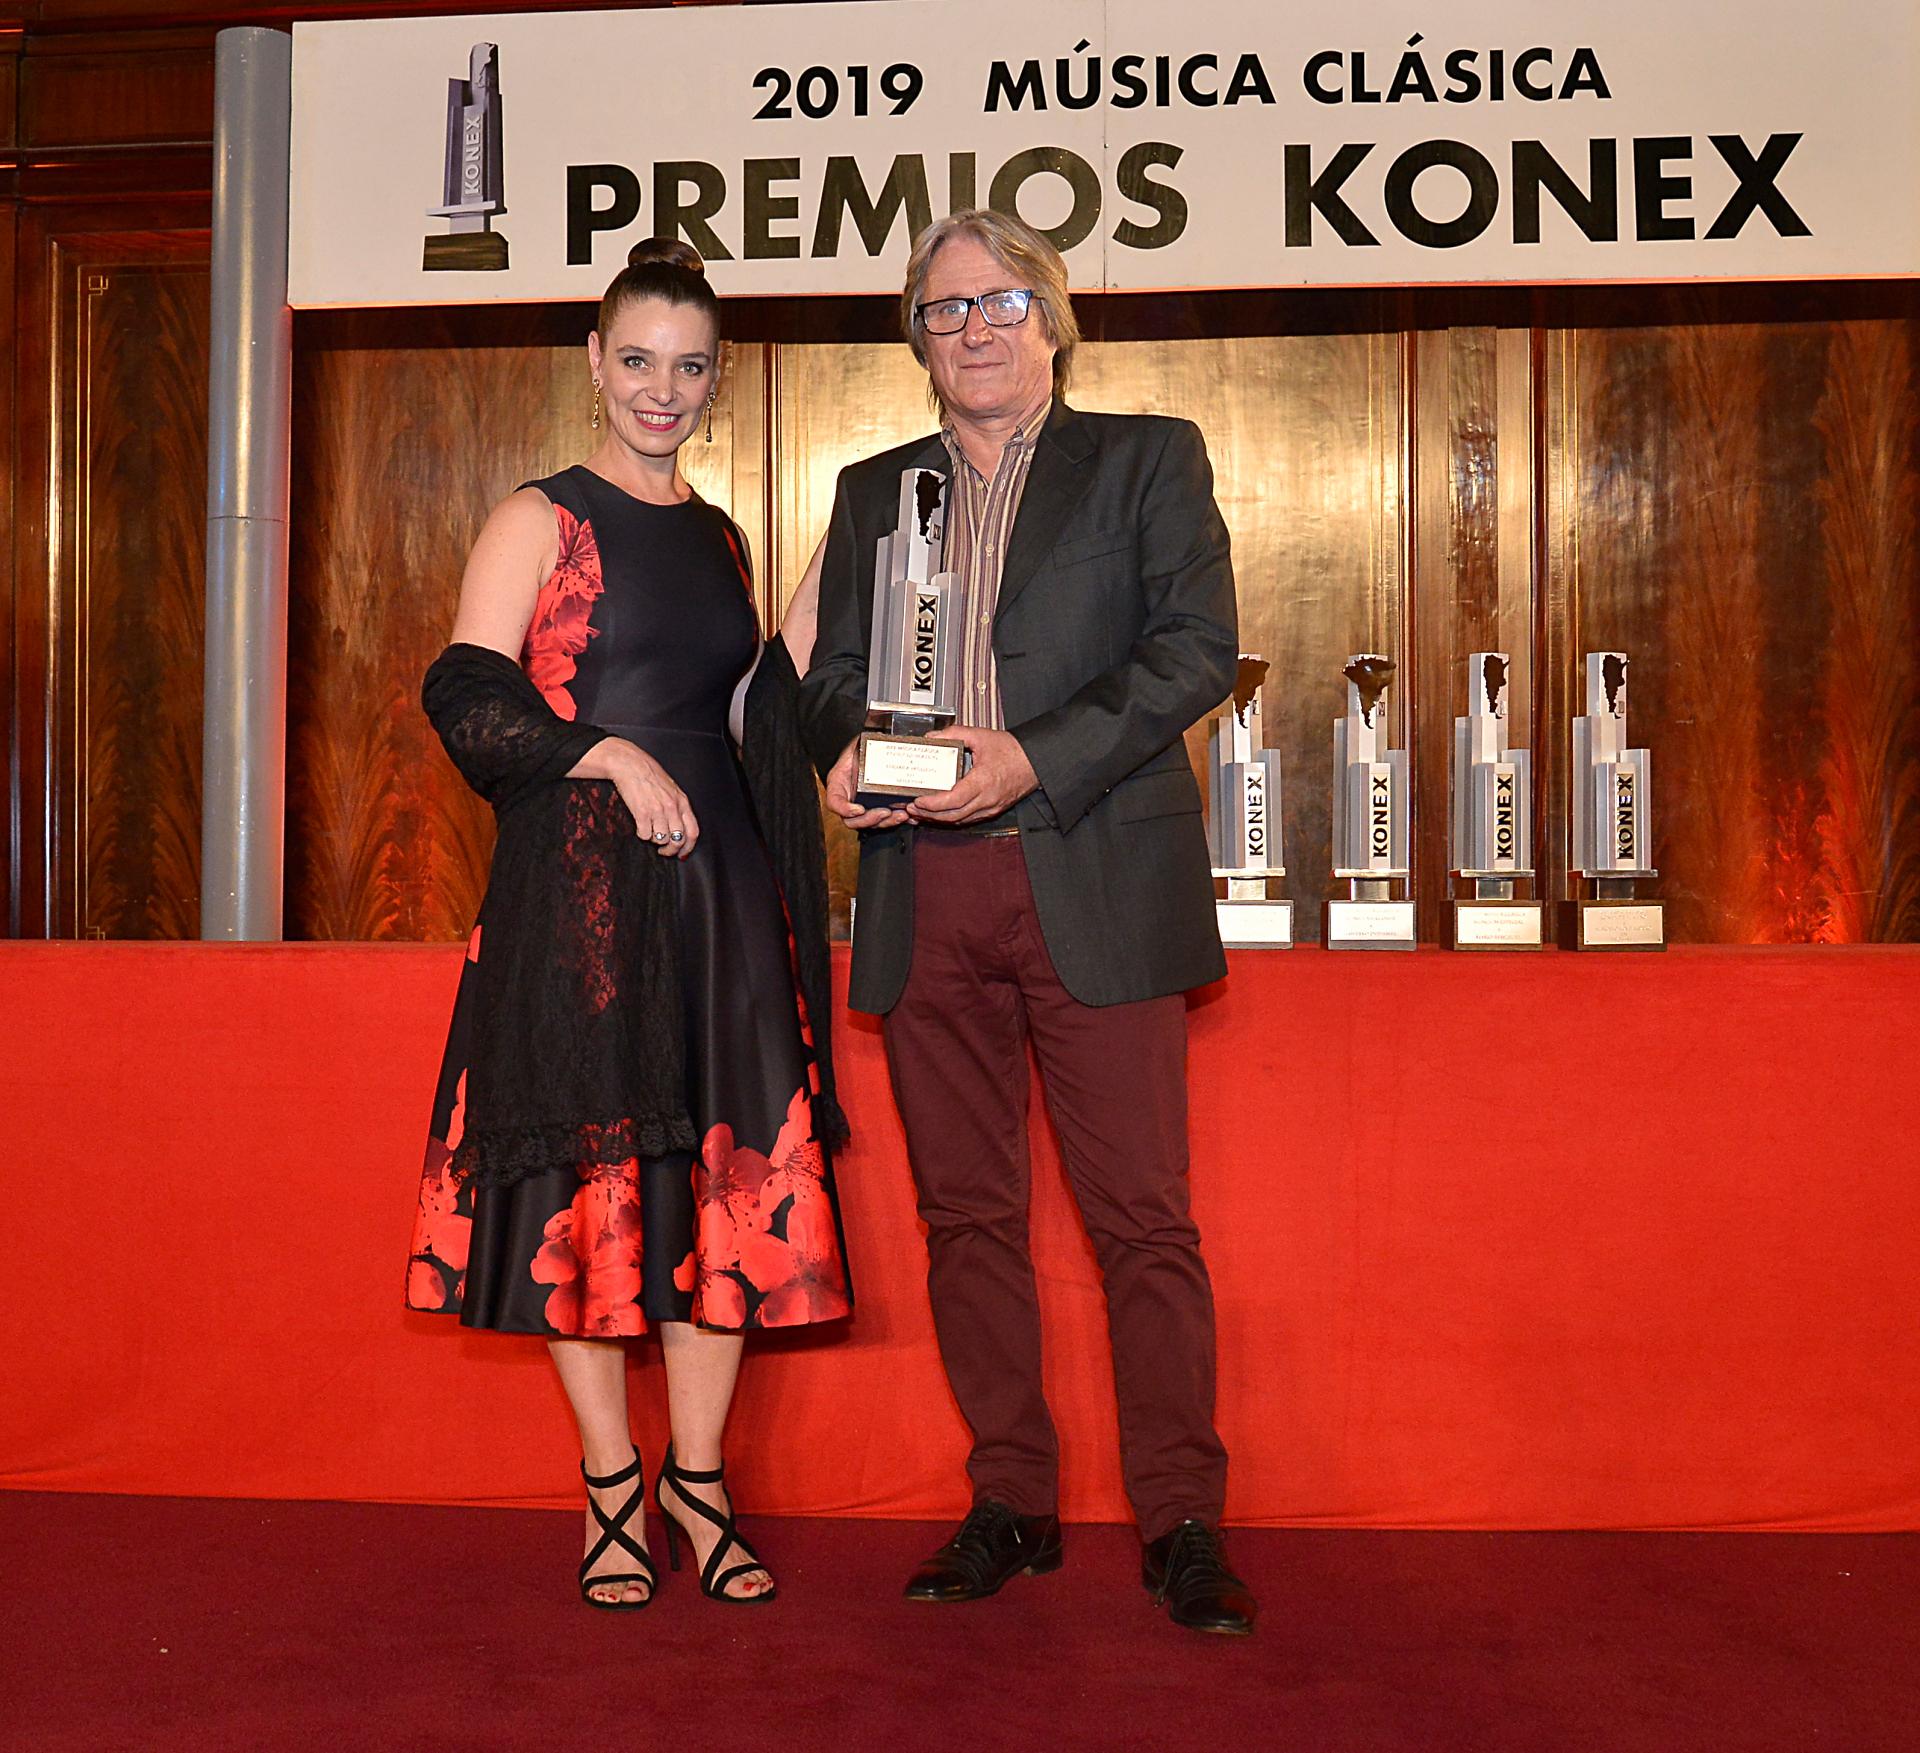 El padre de la bailarina Ludmila Pagliero con su premio en mano